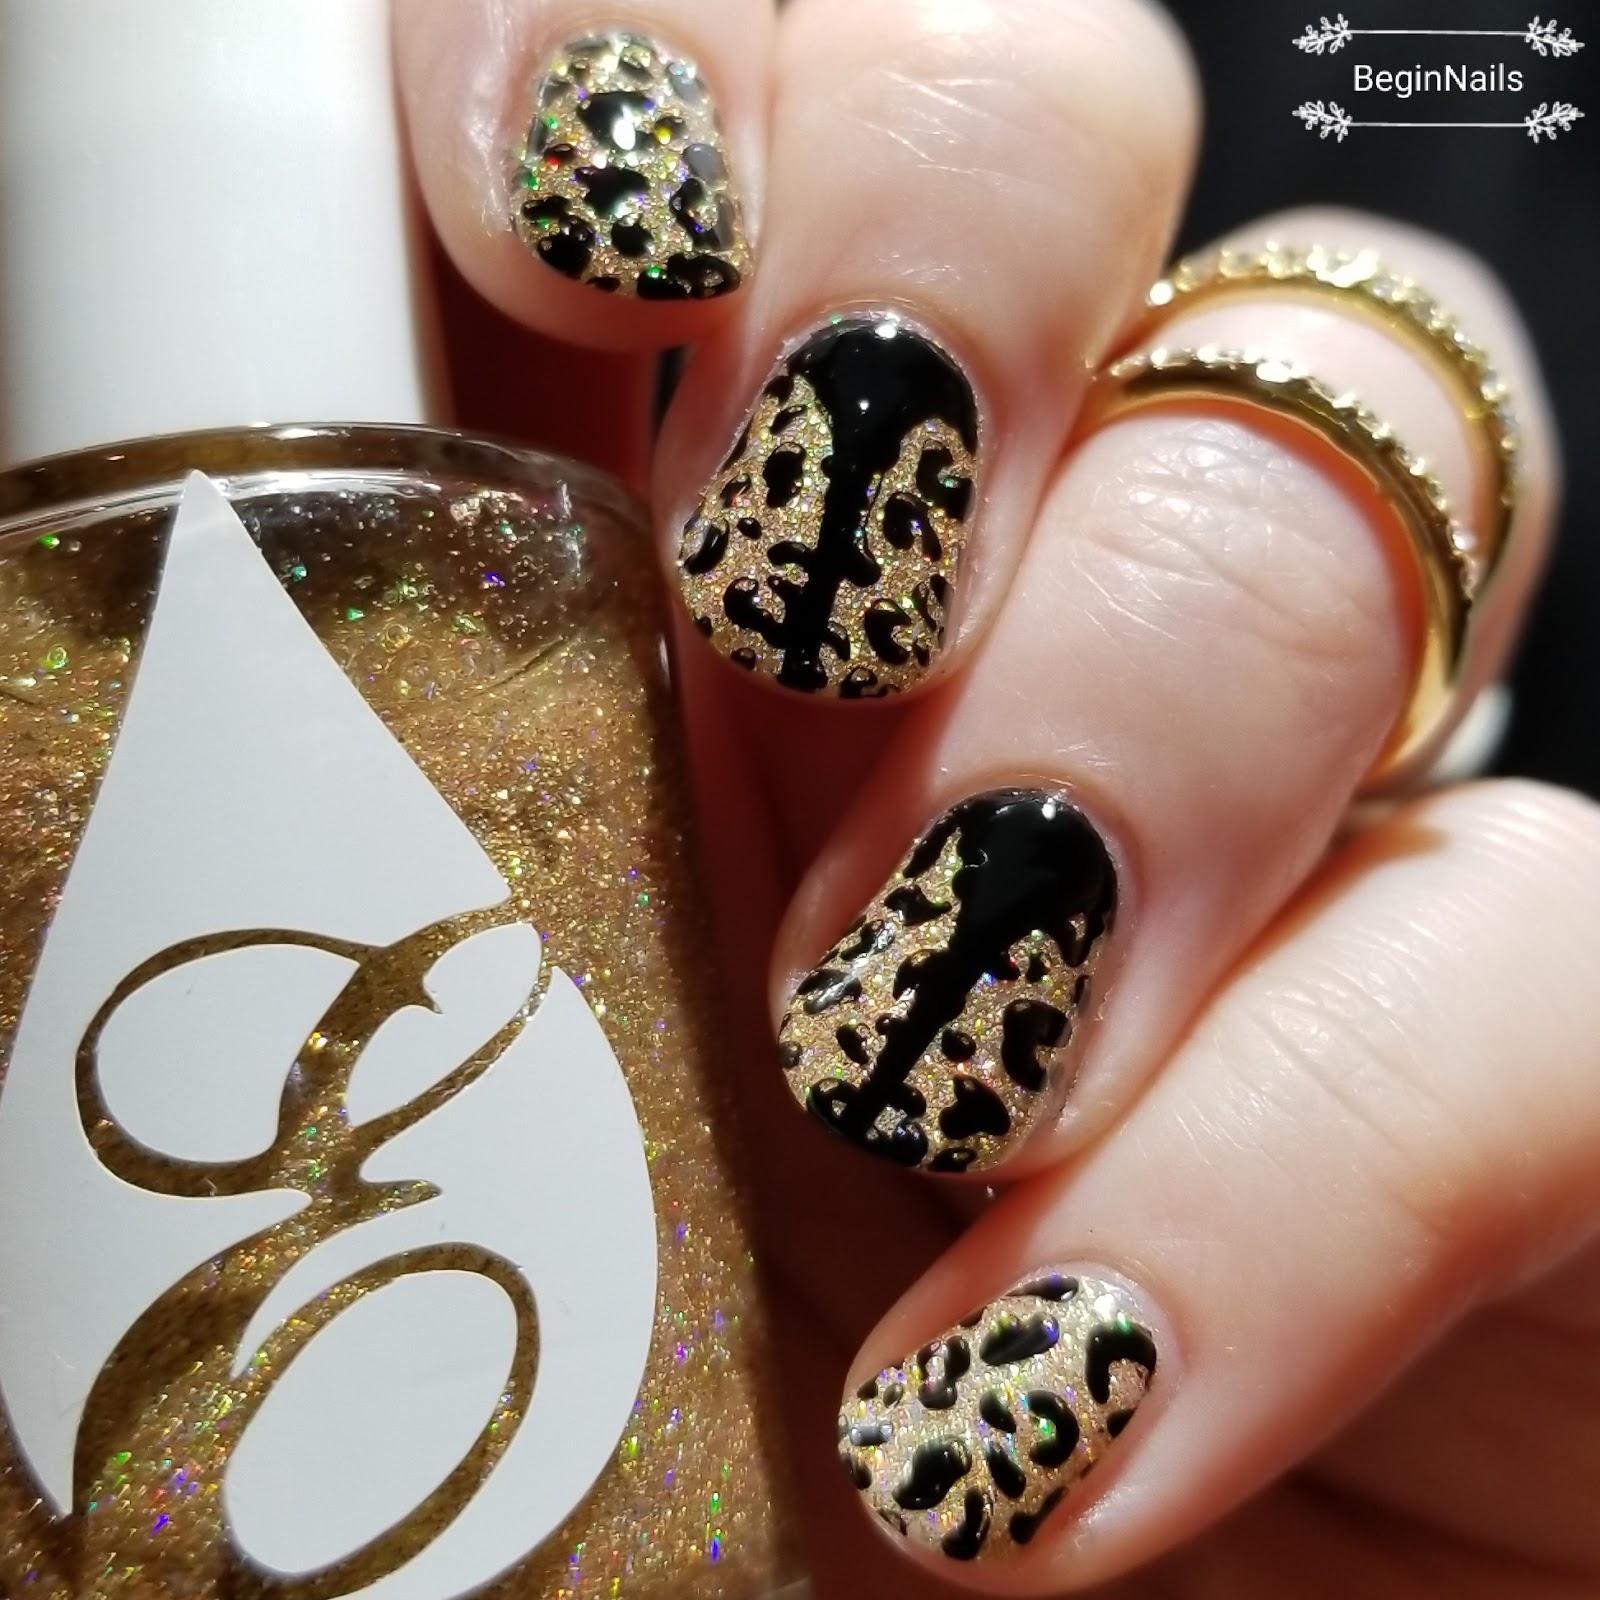 Let\'s Begin Nails: Digit-al Dozen: All That Glitters Is...Rawr!